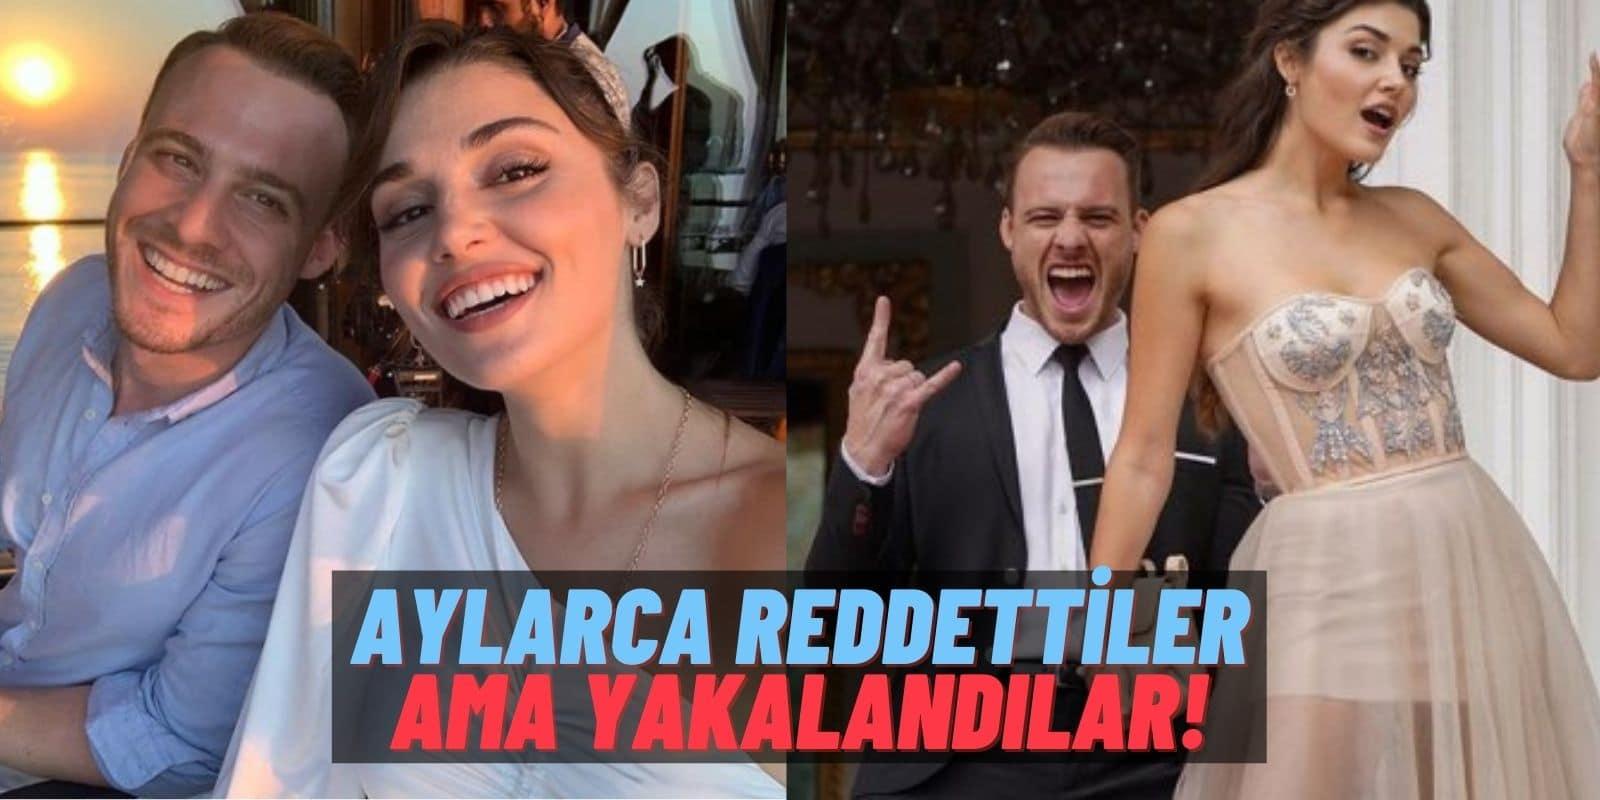 Kerem Bürsin ve Hande Erçel Aylarca Aşk İddialarını Reddetti Fakat Yakalandılar: Aynı Evde Yaşıyorlar!